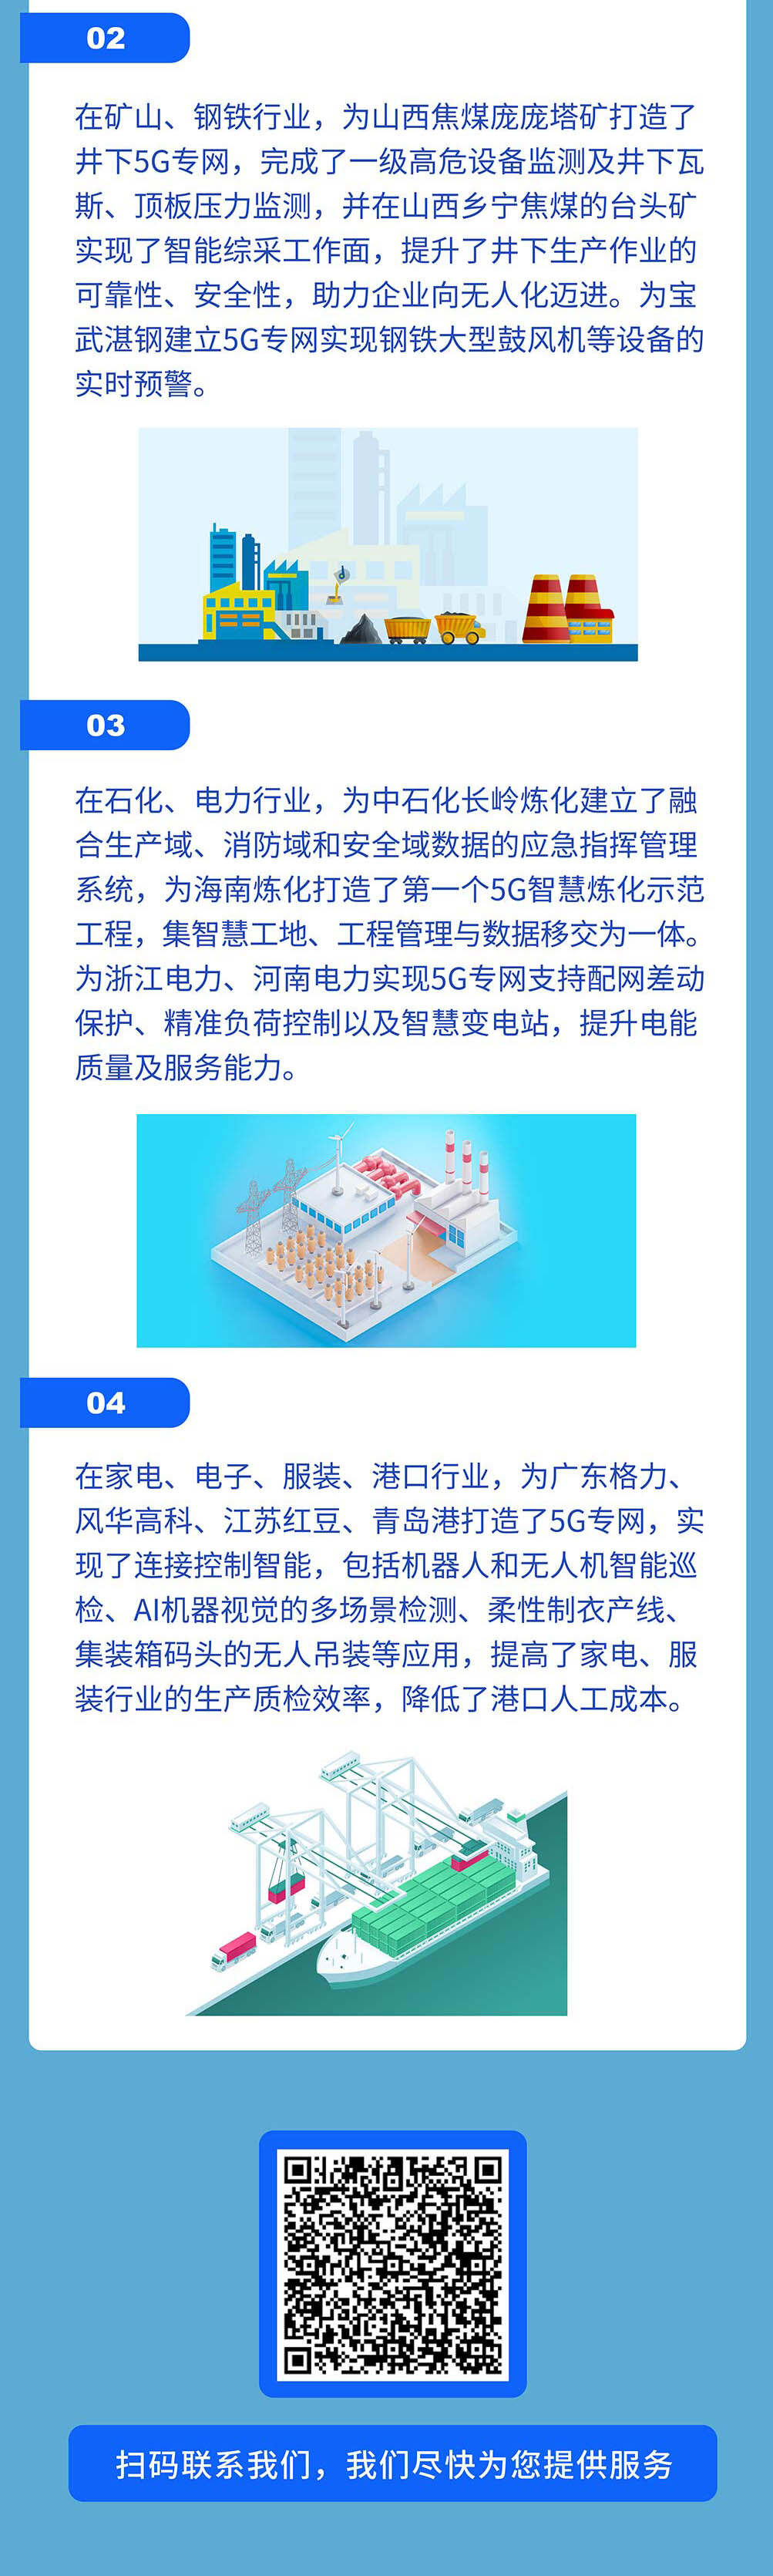 中国联通工业智脑2